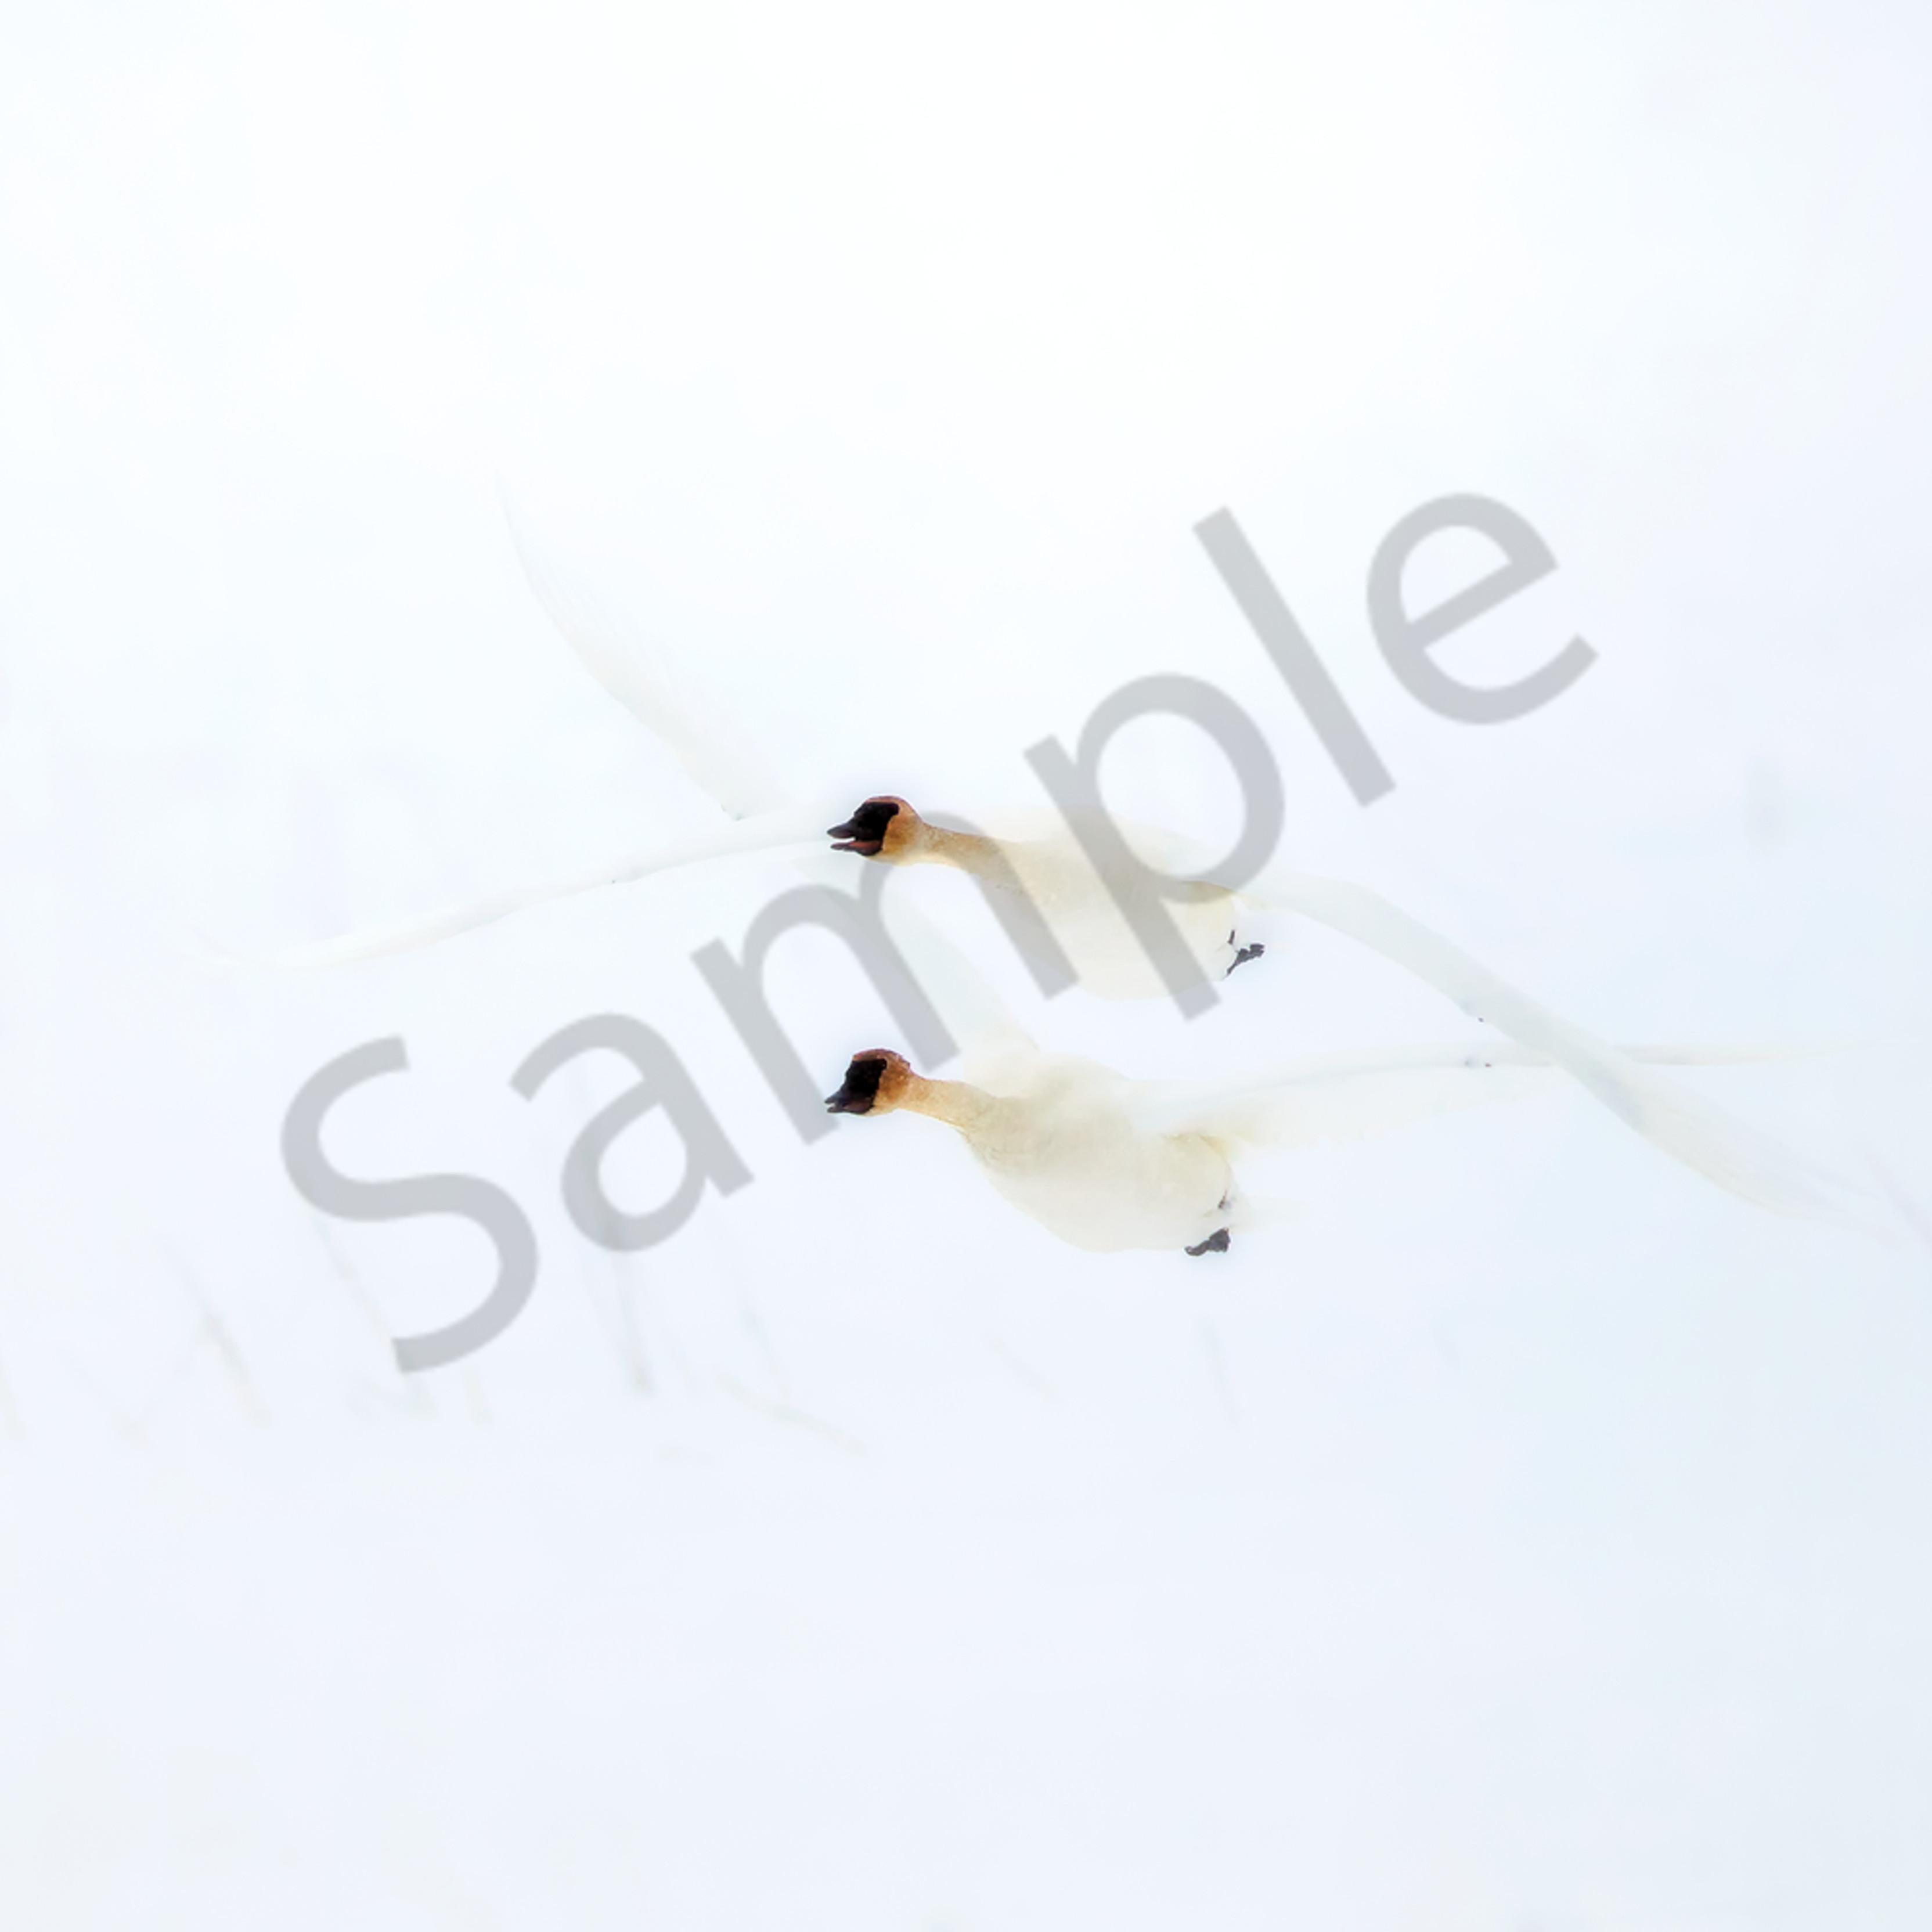 Trumpeterswansflying11 ml9jra